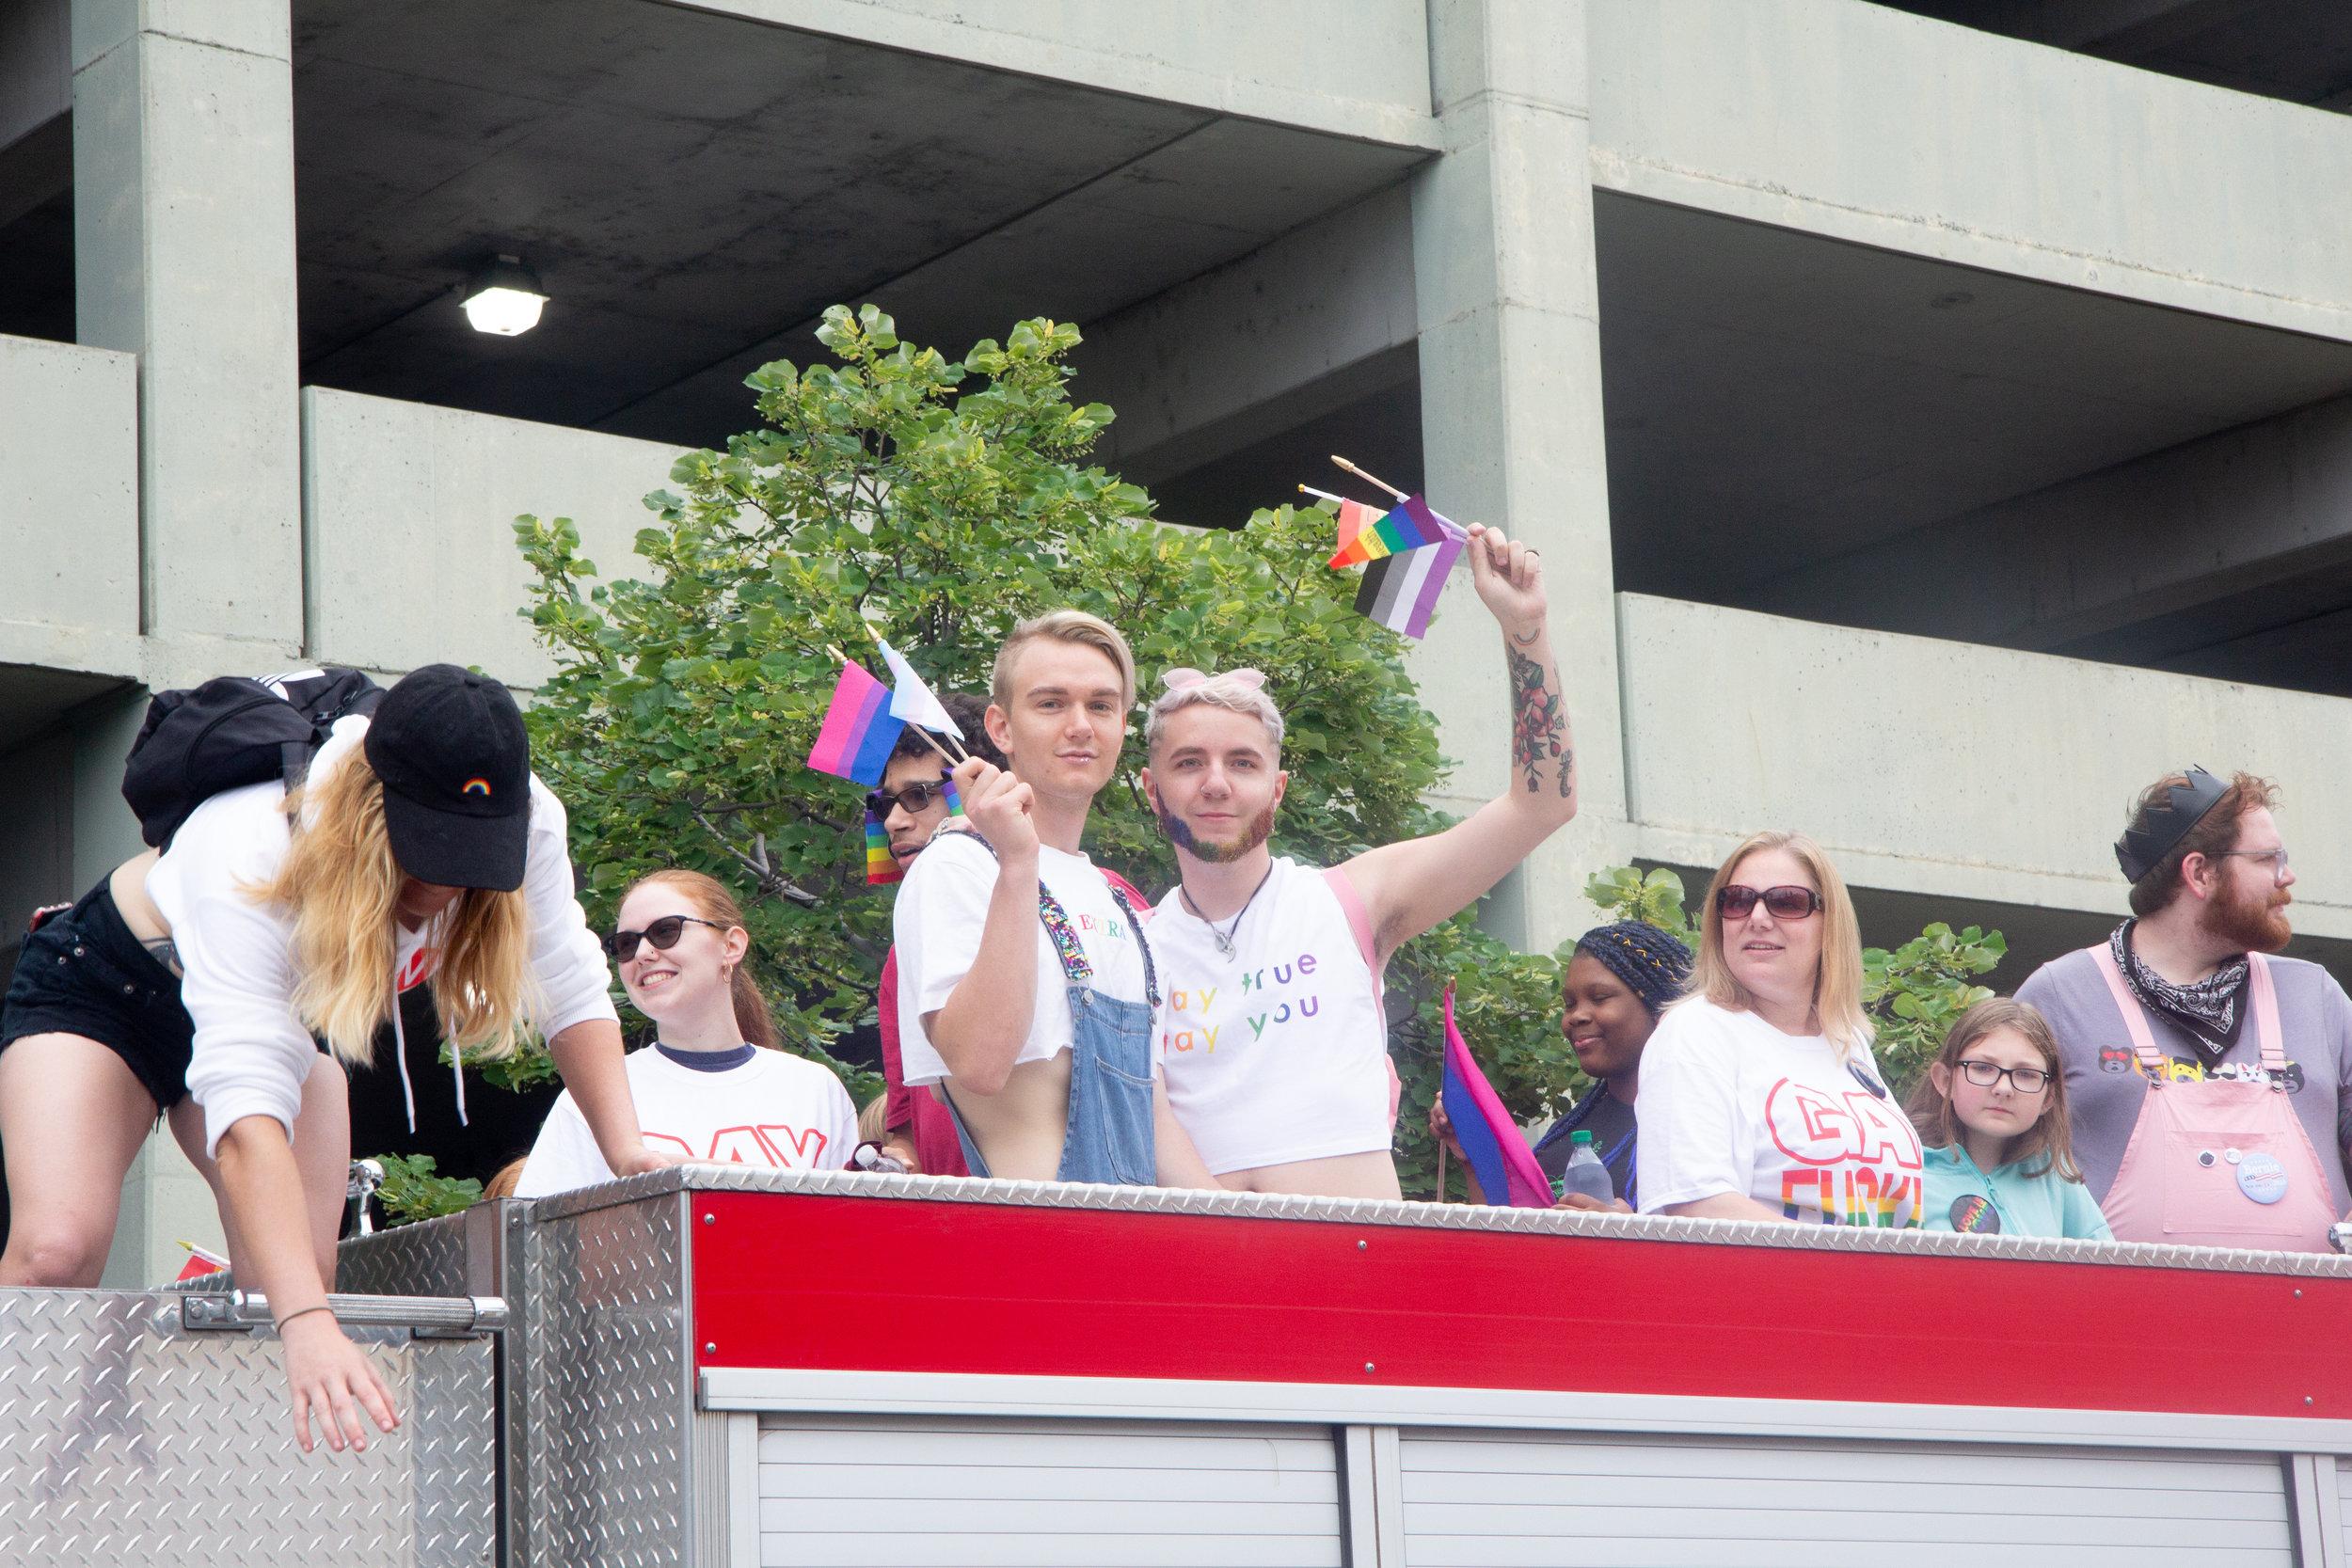 CaseyMillerPhoto - Pride - 2019 -9.jpg